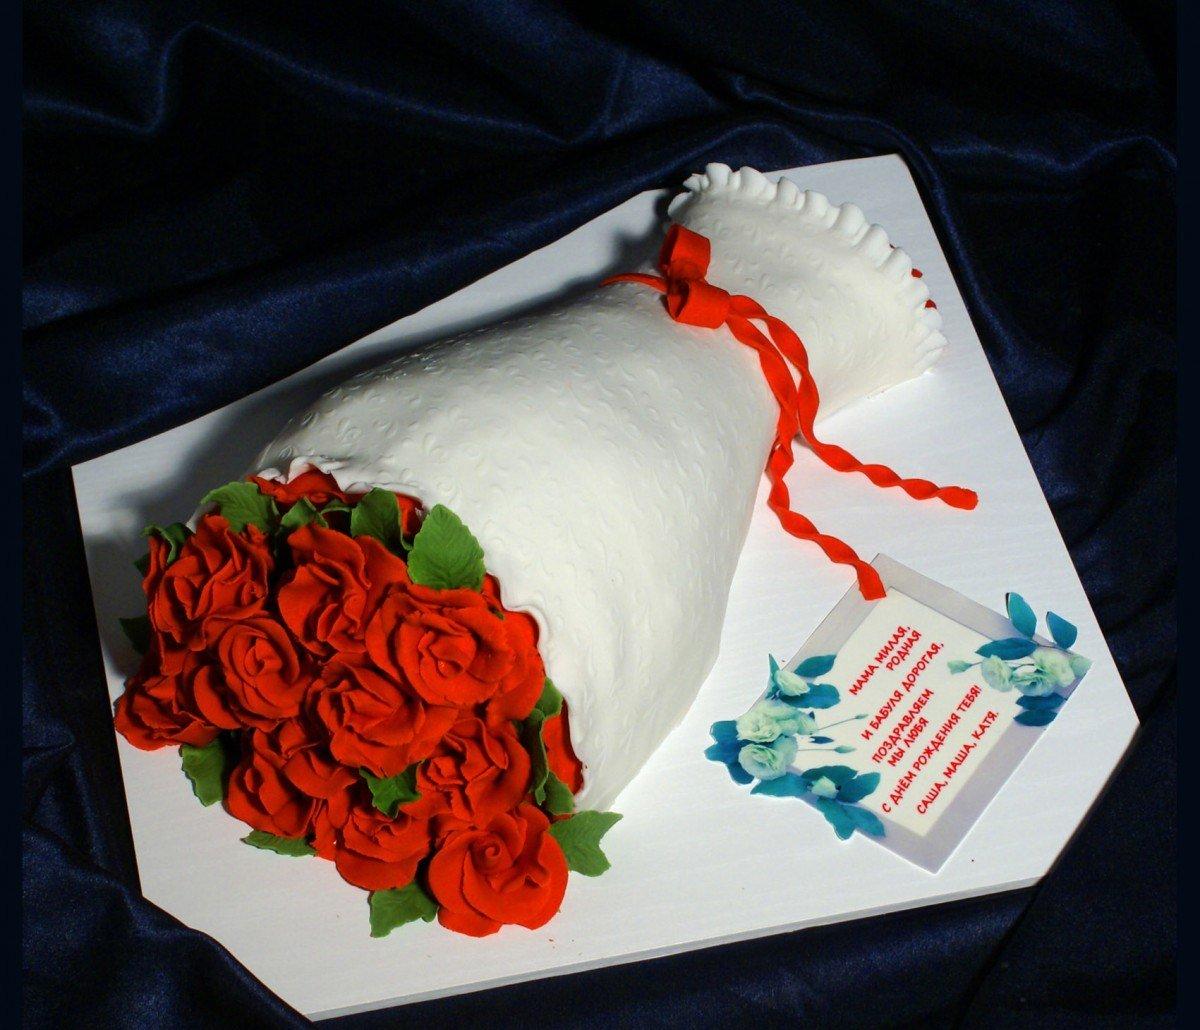 картинки торт в виде букета роз древние греки